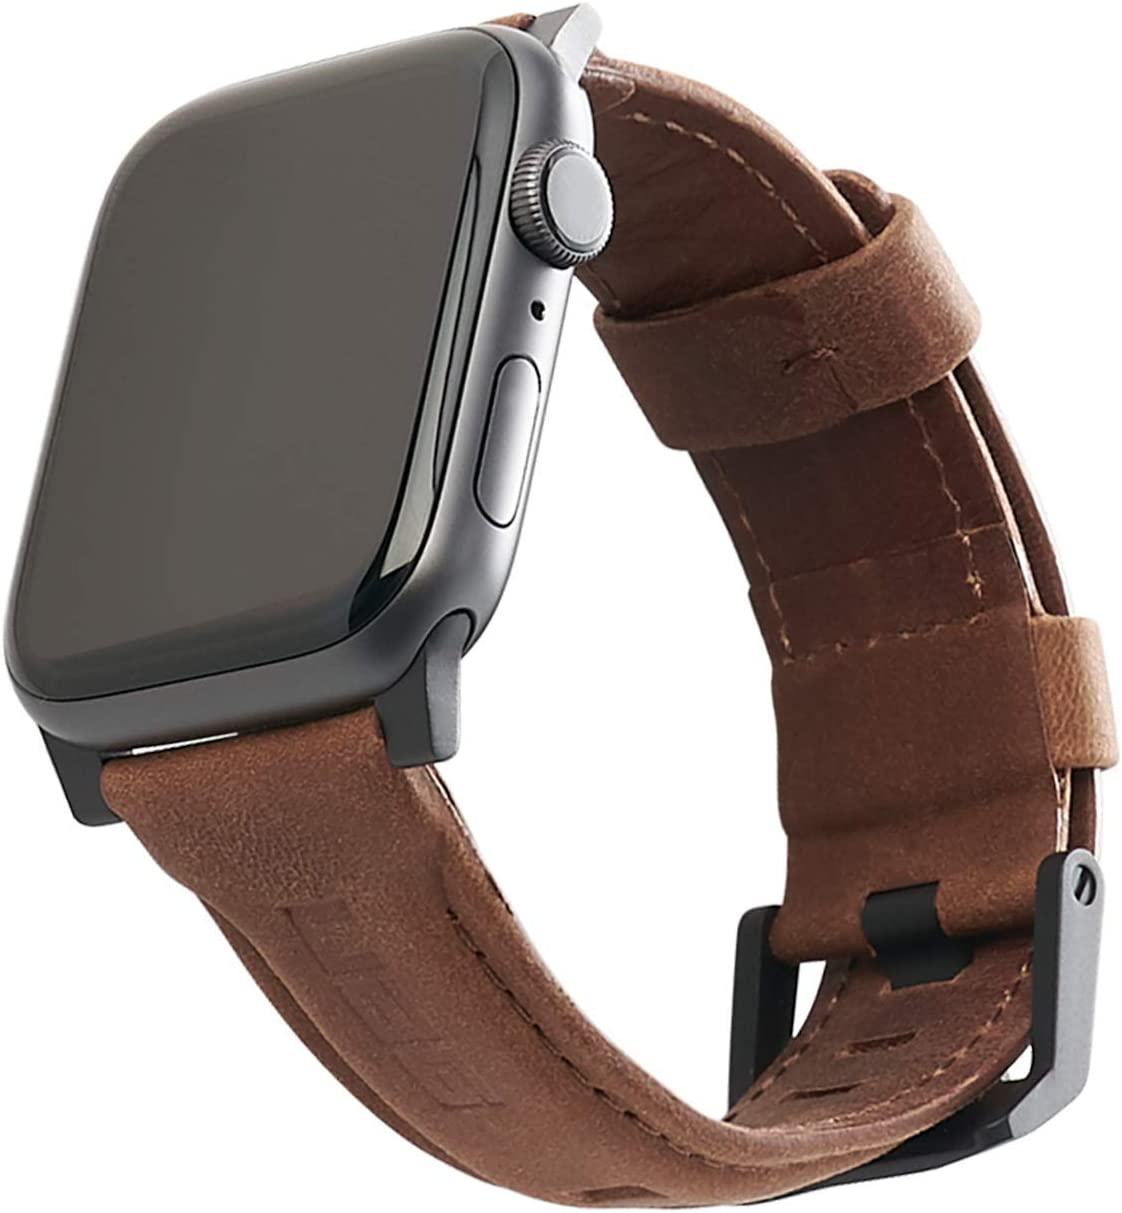 Urban Armor Gear (UAG) Leather Band